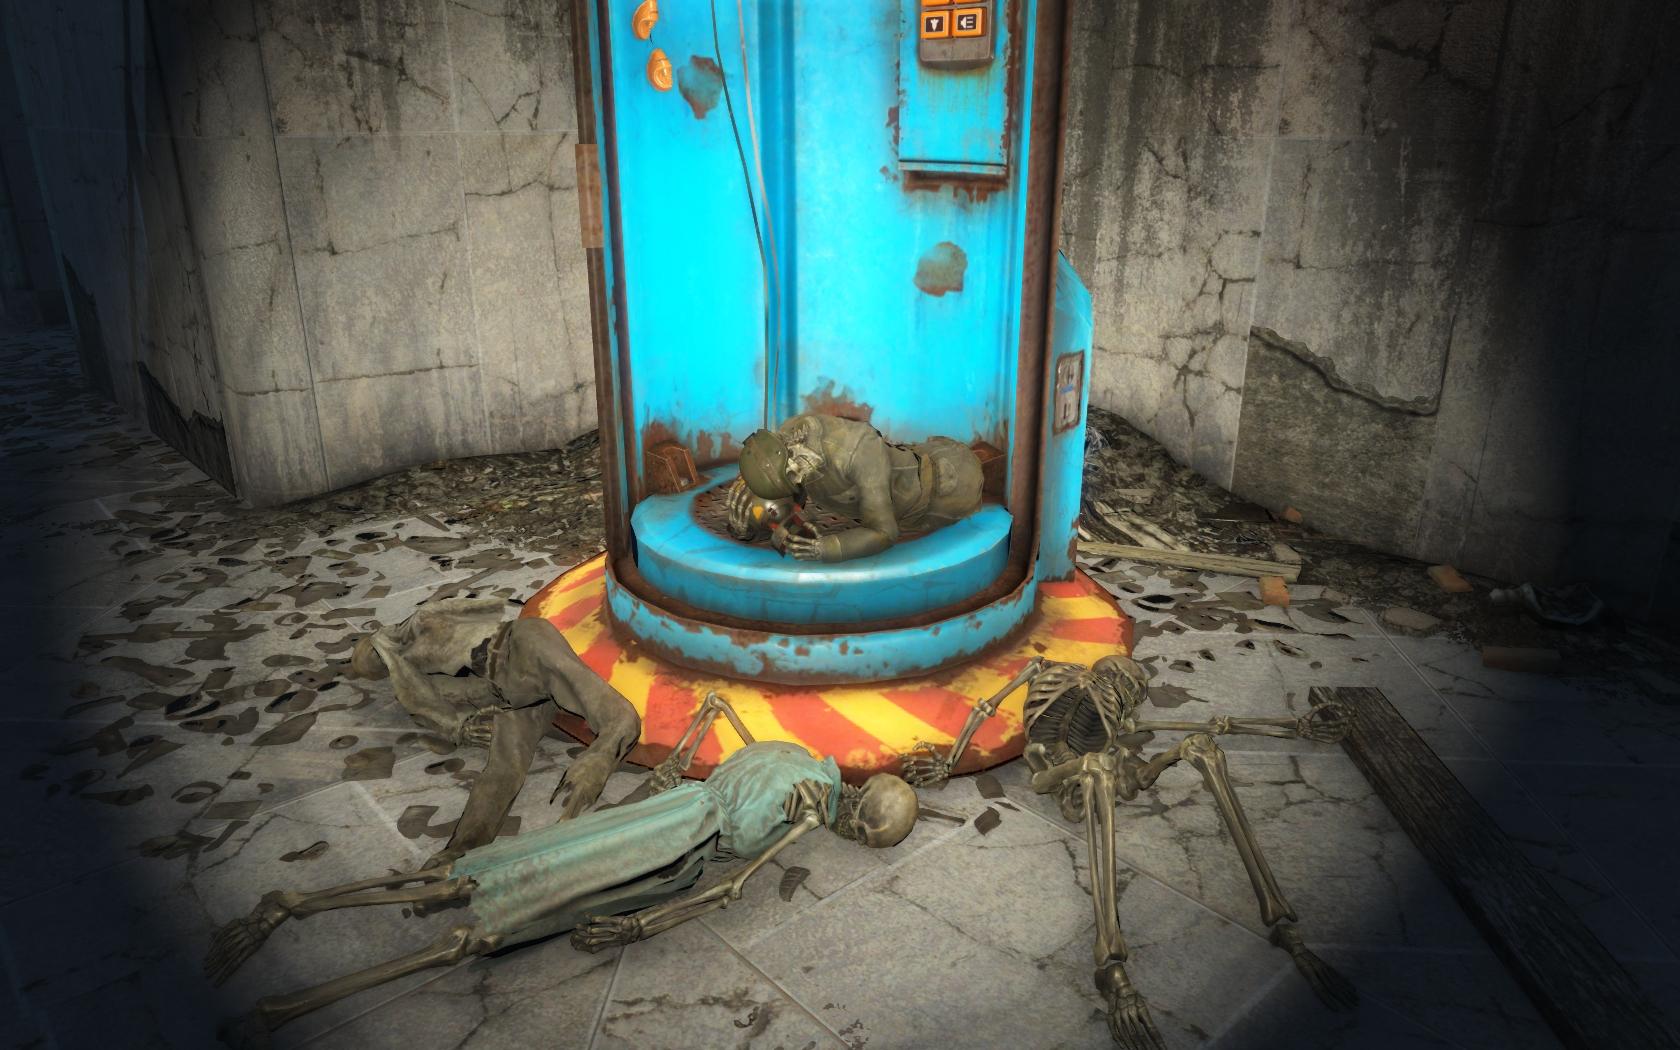 Битва за укрытие Пуловски (Лексингтон) - Fallout 4 Лексингтон, Пуловски, укрытие, укрытие Пуловски